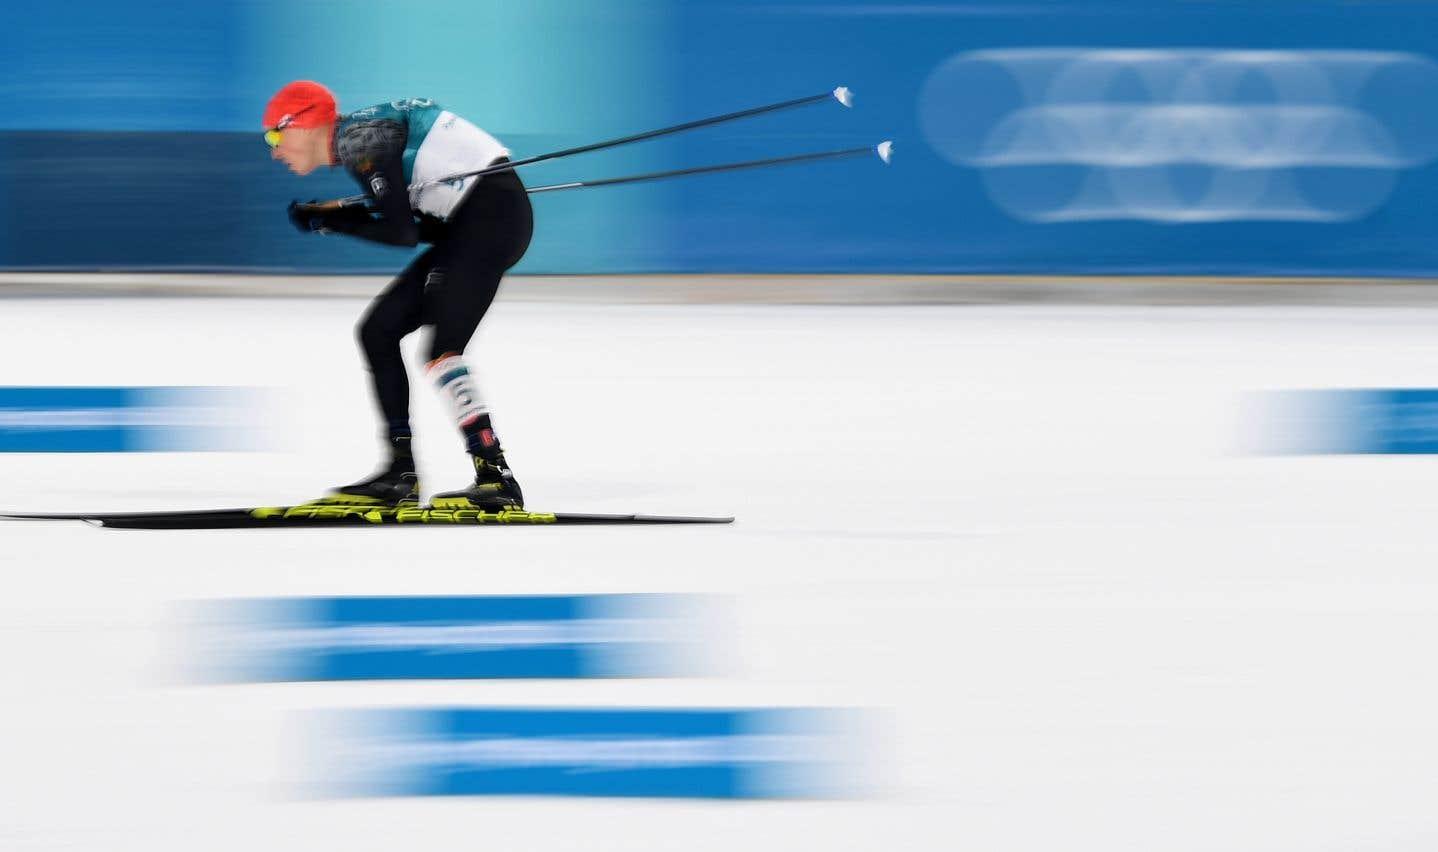 Eric Frenzel a devancé Akito Watanabe dans la dernière ascension de la course de ski de fond pour défendre avec succès son titre.